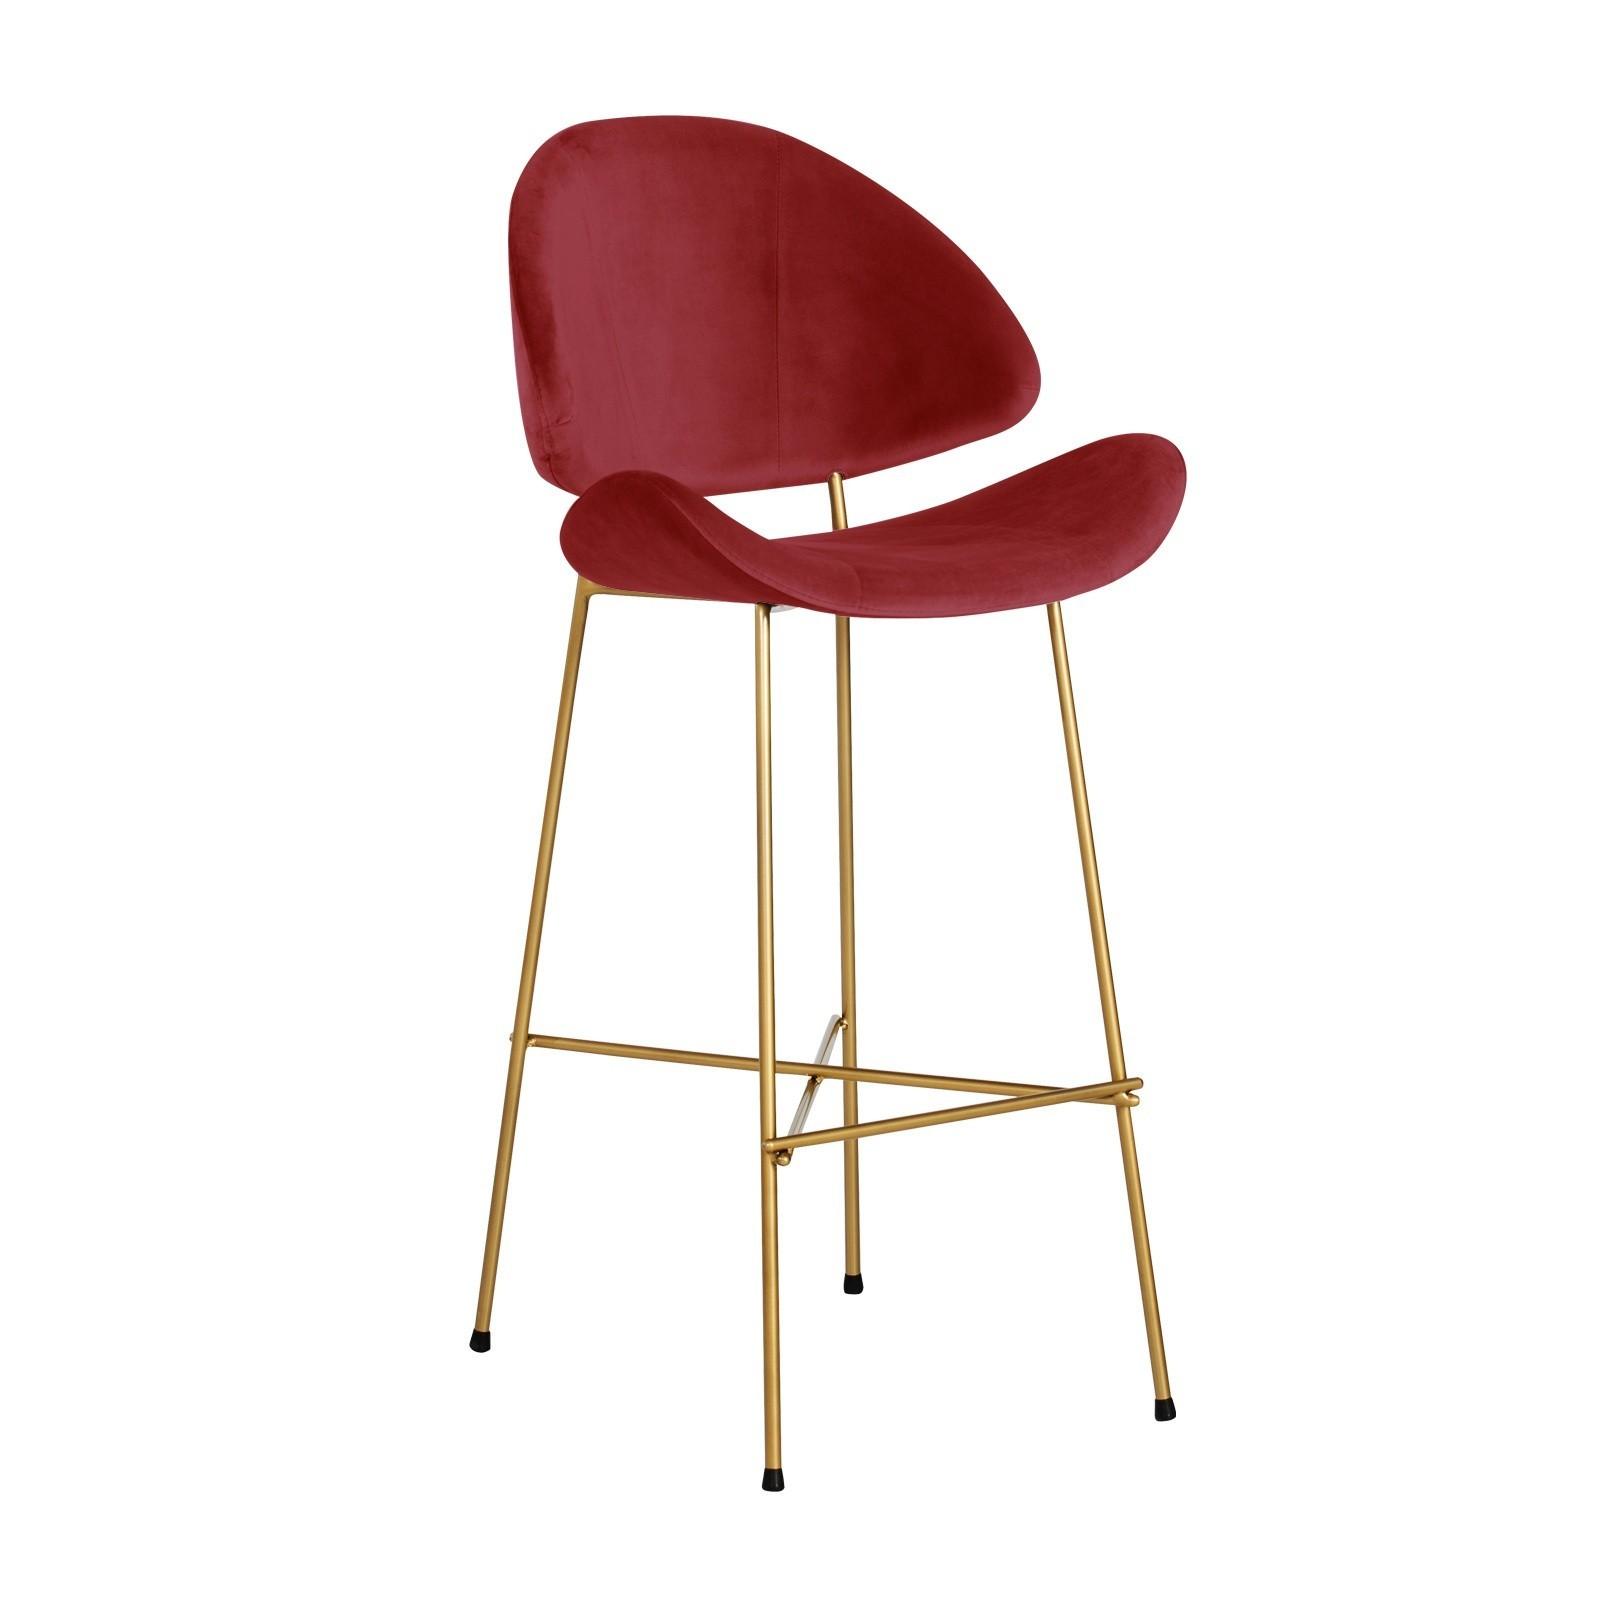 Cheri Bar Gold - velours - red